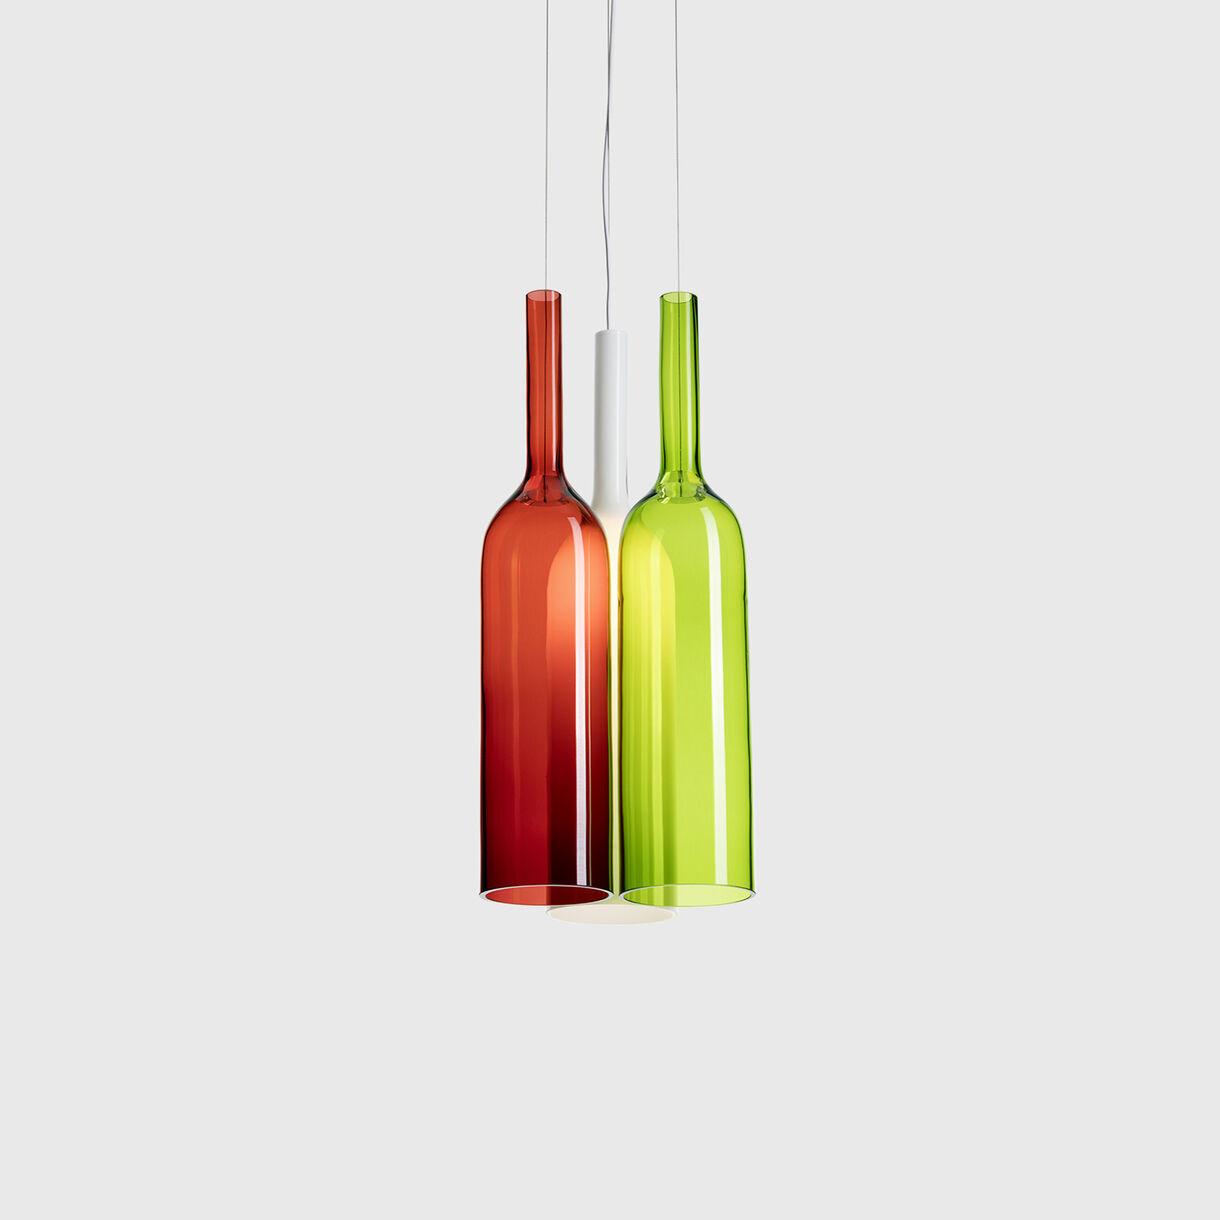 Jar Pendant Lamp, Cluster of 3